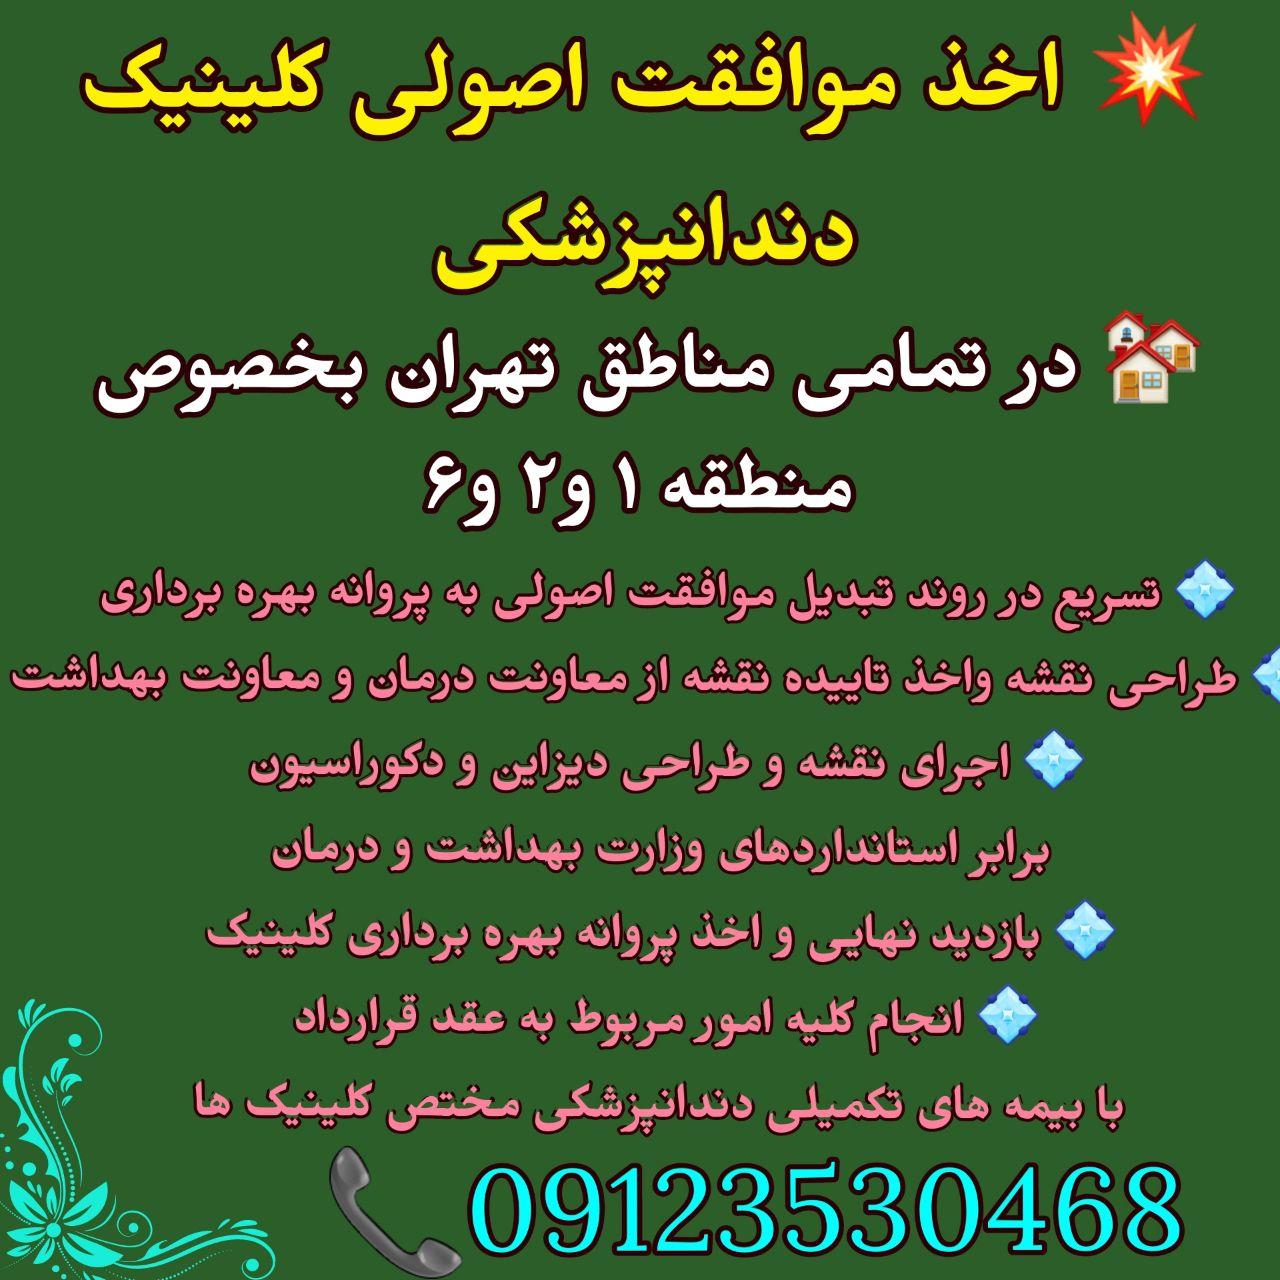 تهران: اخذ موافقت اصولی کلینیک دندانپزشکی در تمامی مناطق تهران